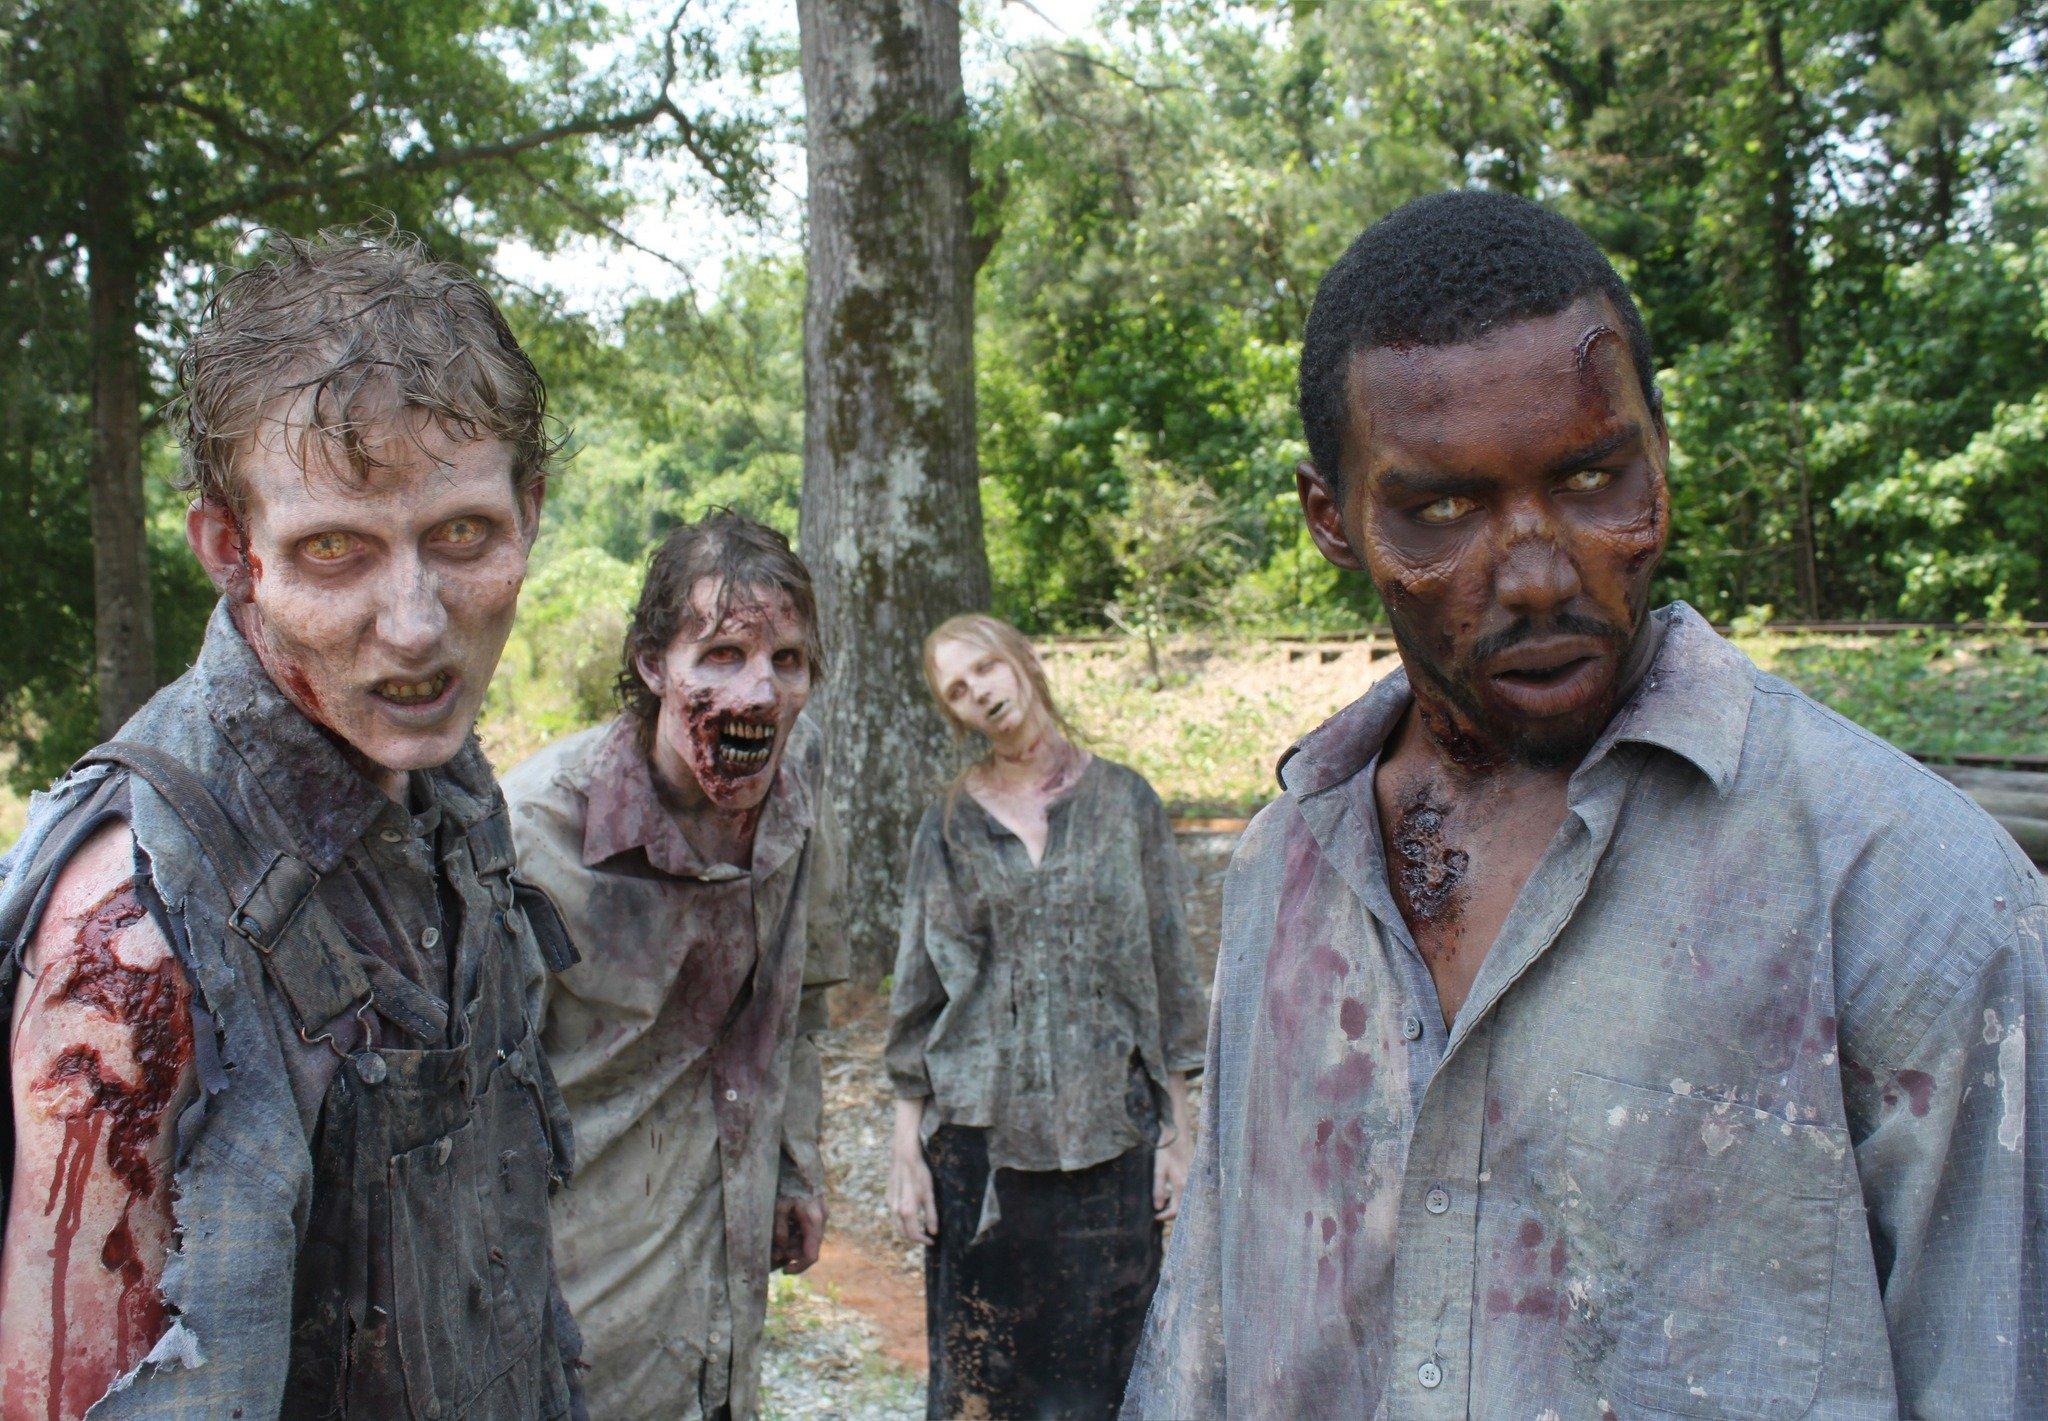 zombie-apoclypse-walking-deadjpg-a98e3fe497ee7379.jpg